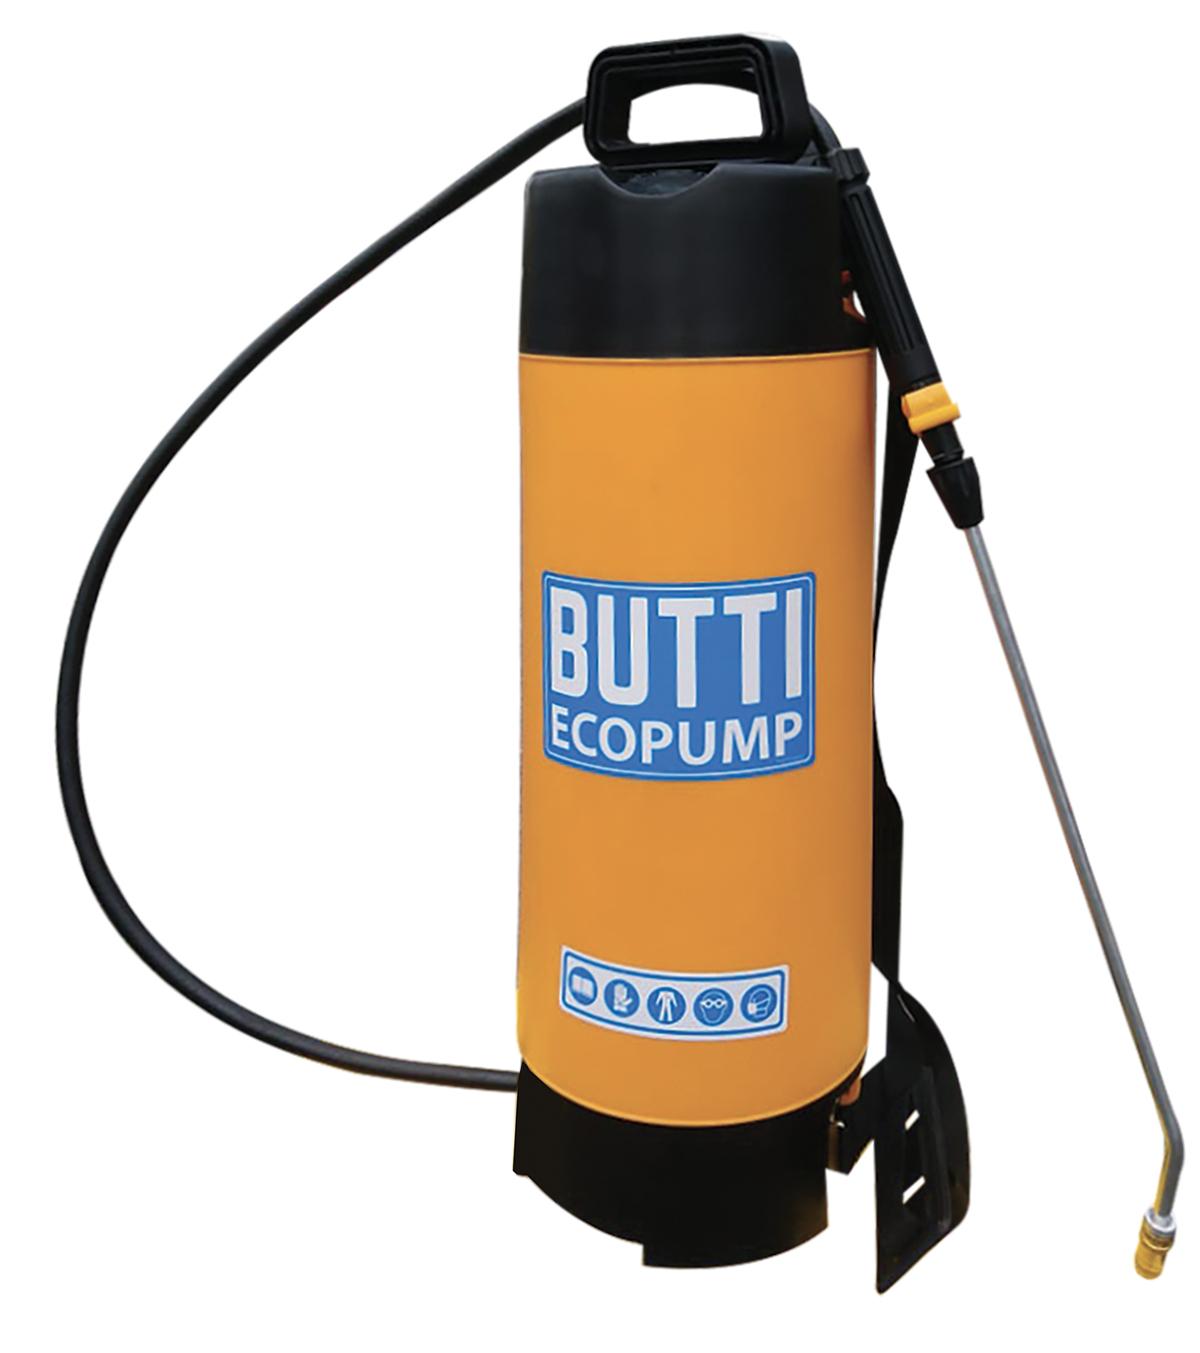 Pompa Ecopump Butti